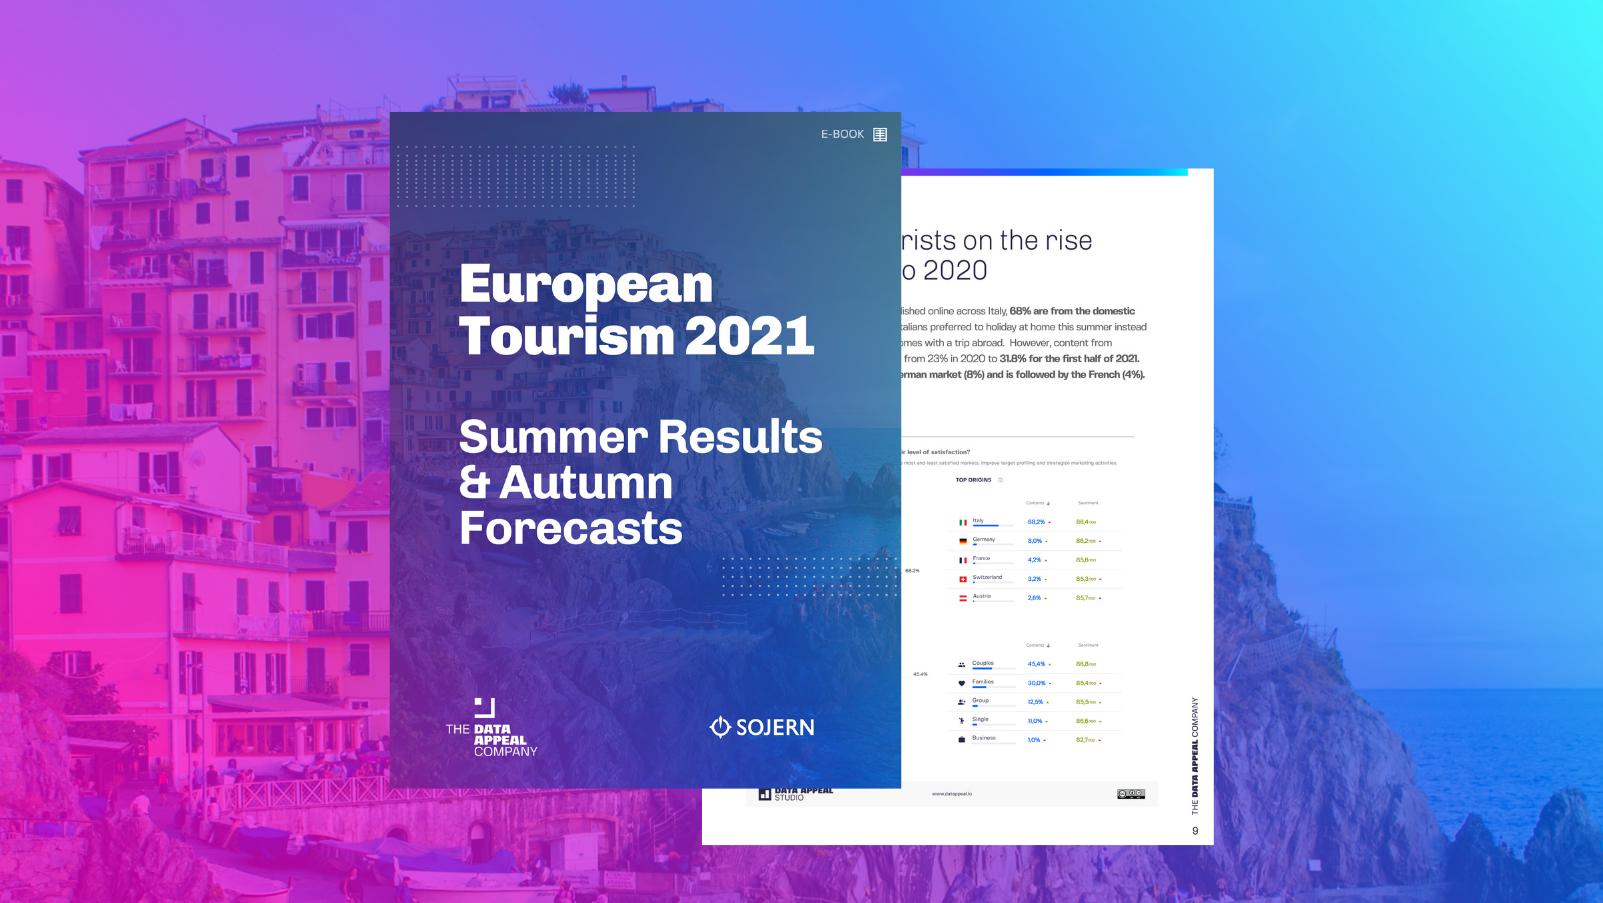 European Tourism 2021